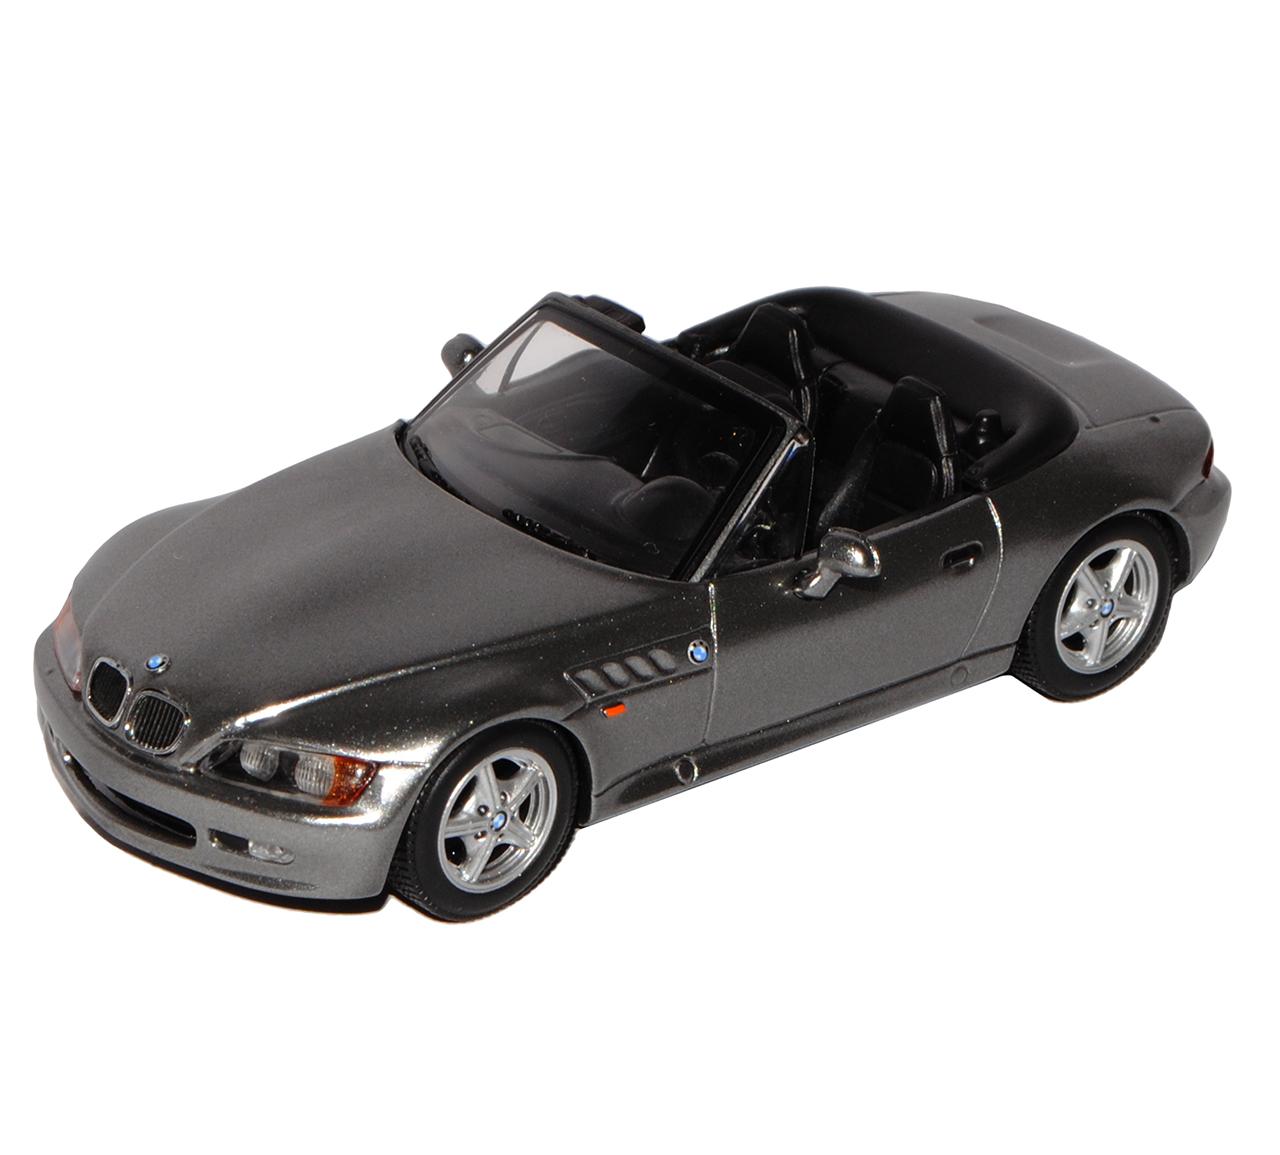 BMW E36 7 7 7 Z3 roadster converdeible 1995-2002 gris 1 43 de Minichamps Maxichamps modelo... 60526d